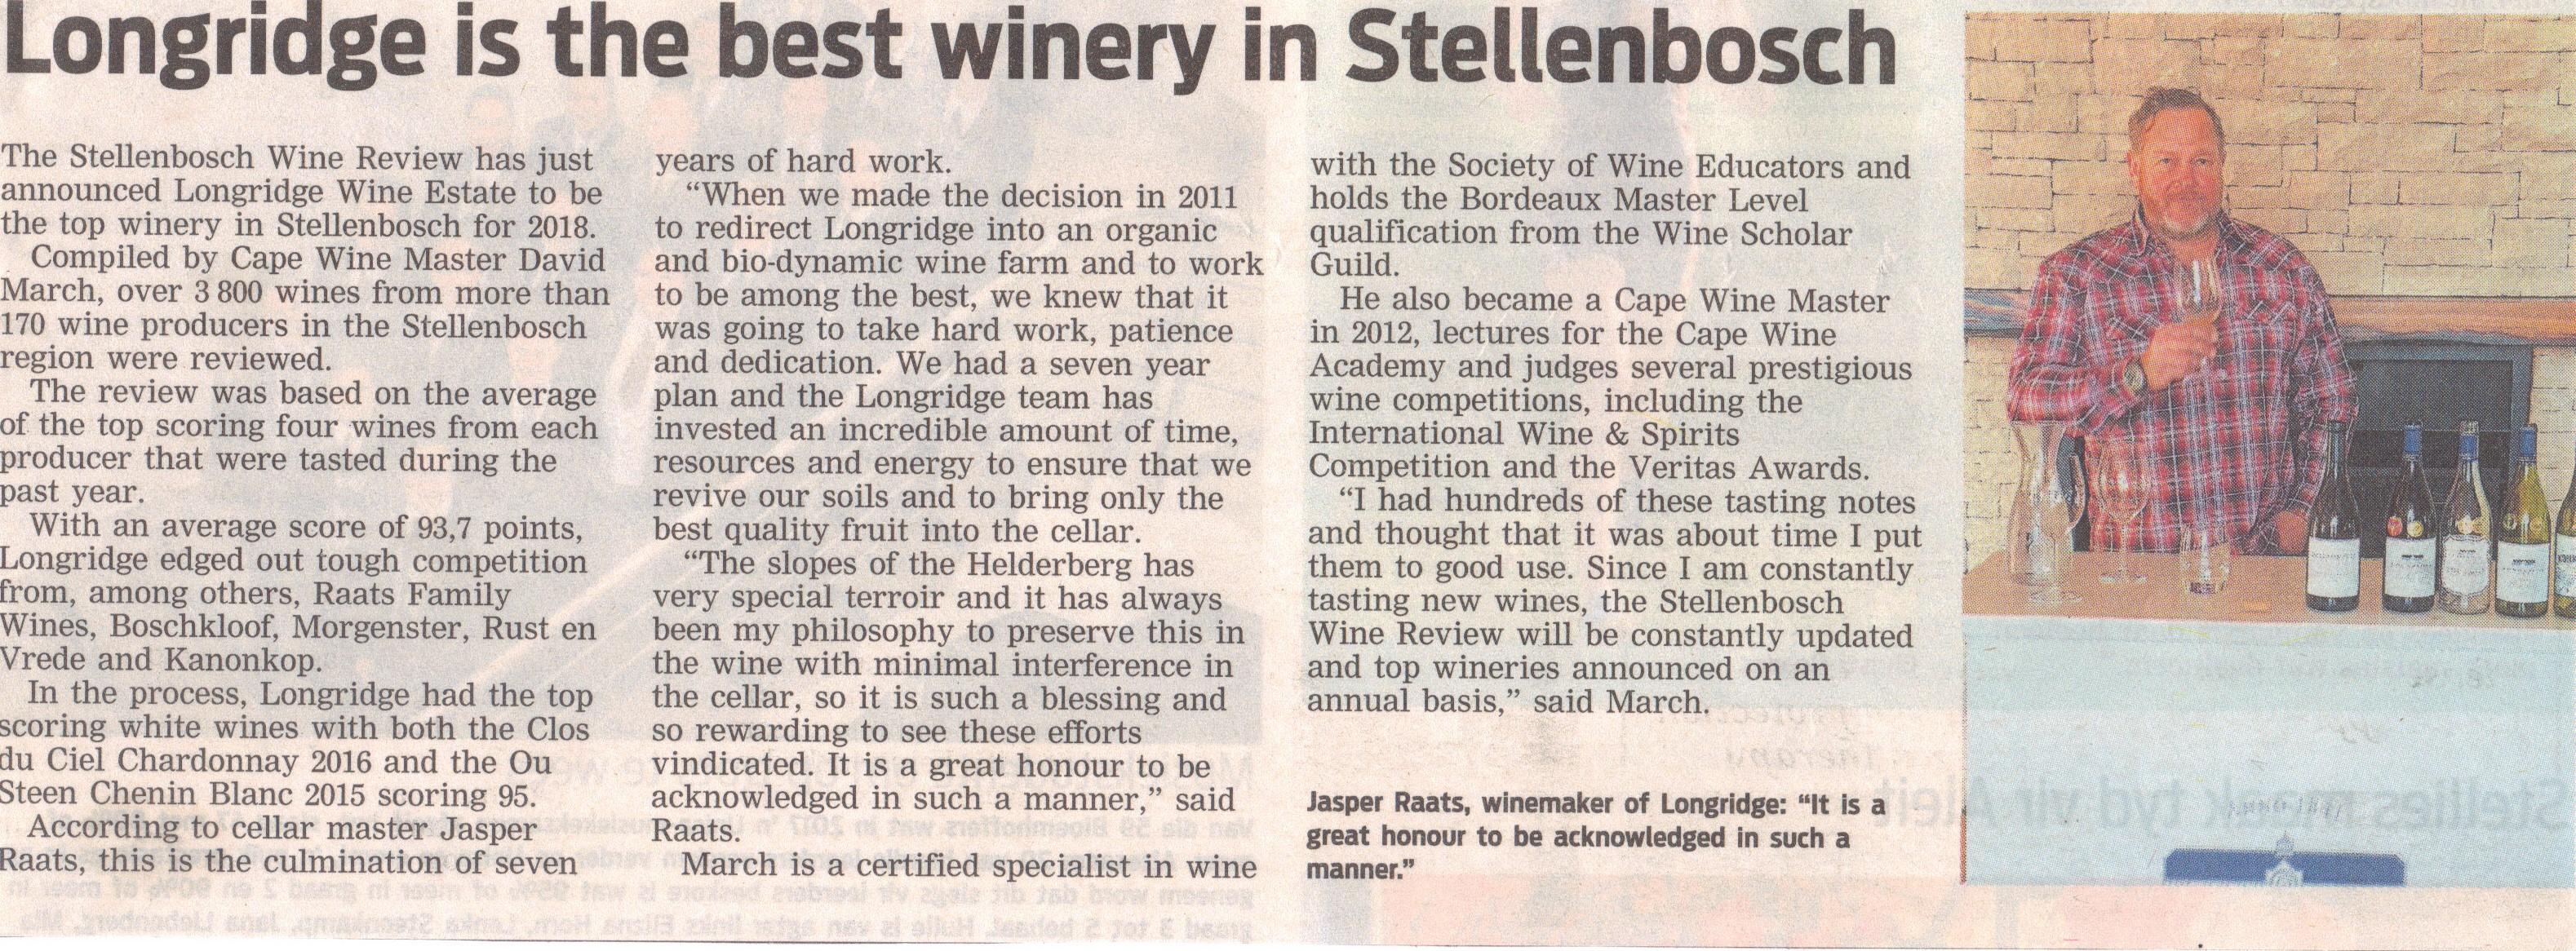 Longridge - best winery in Stellenbosch